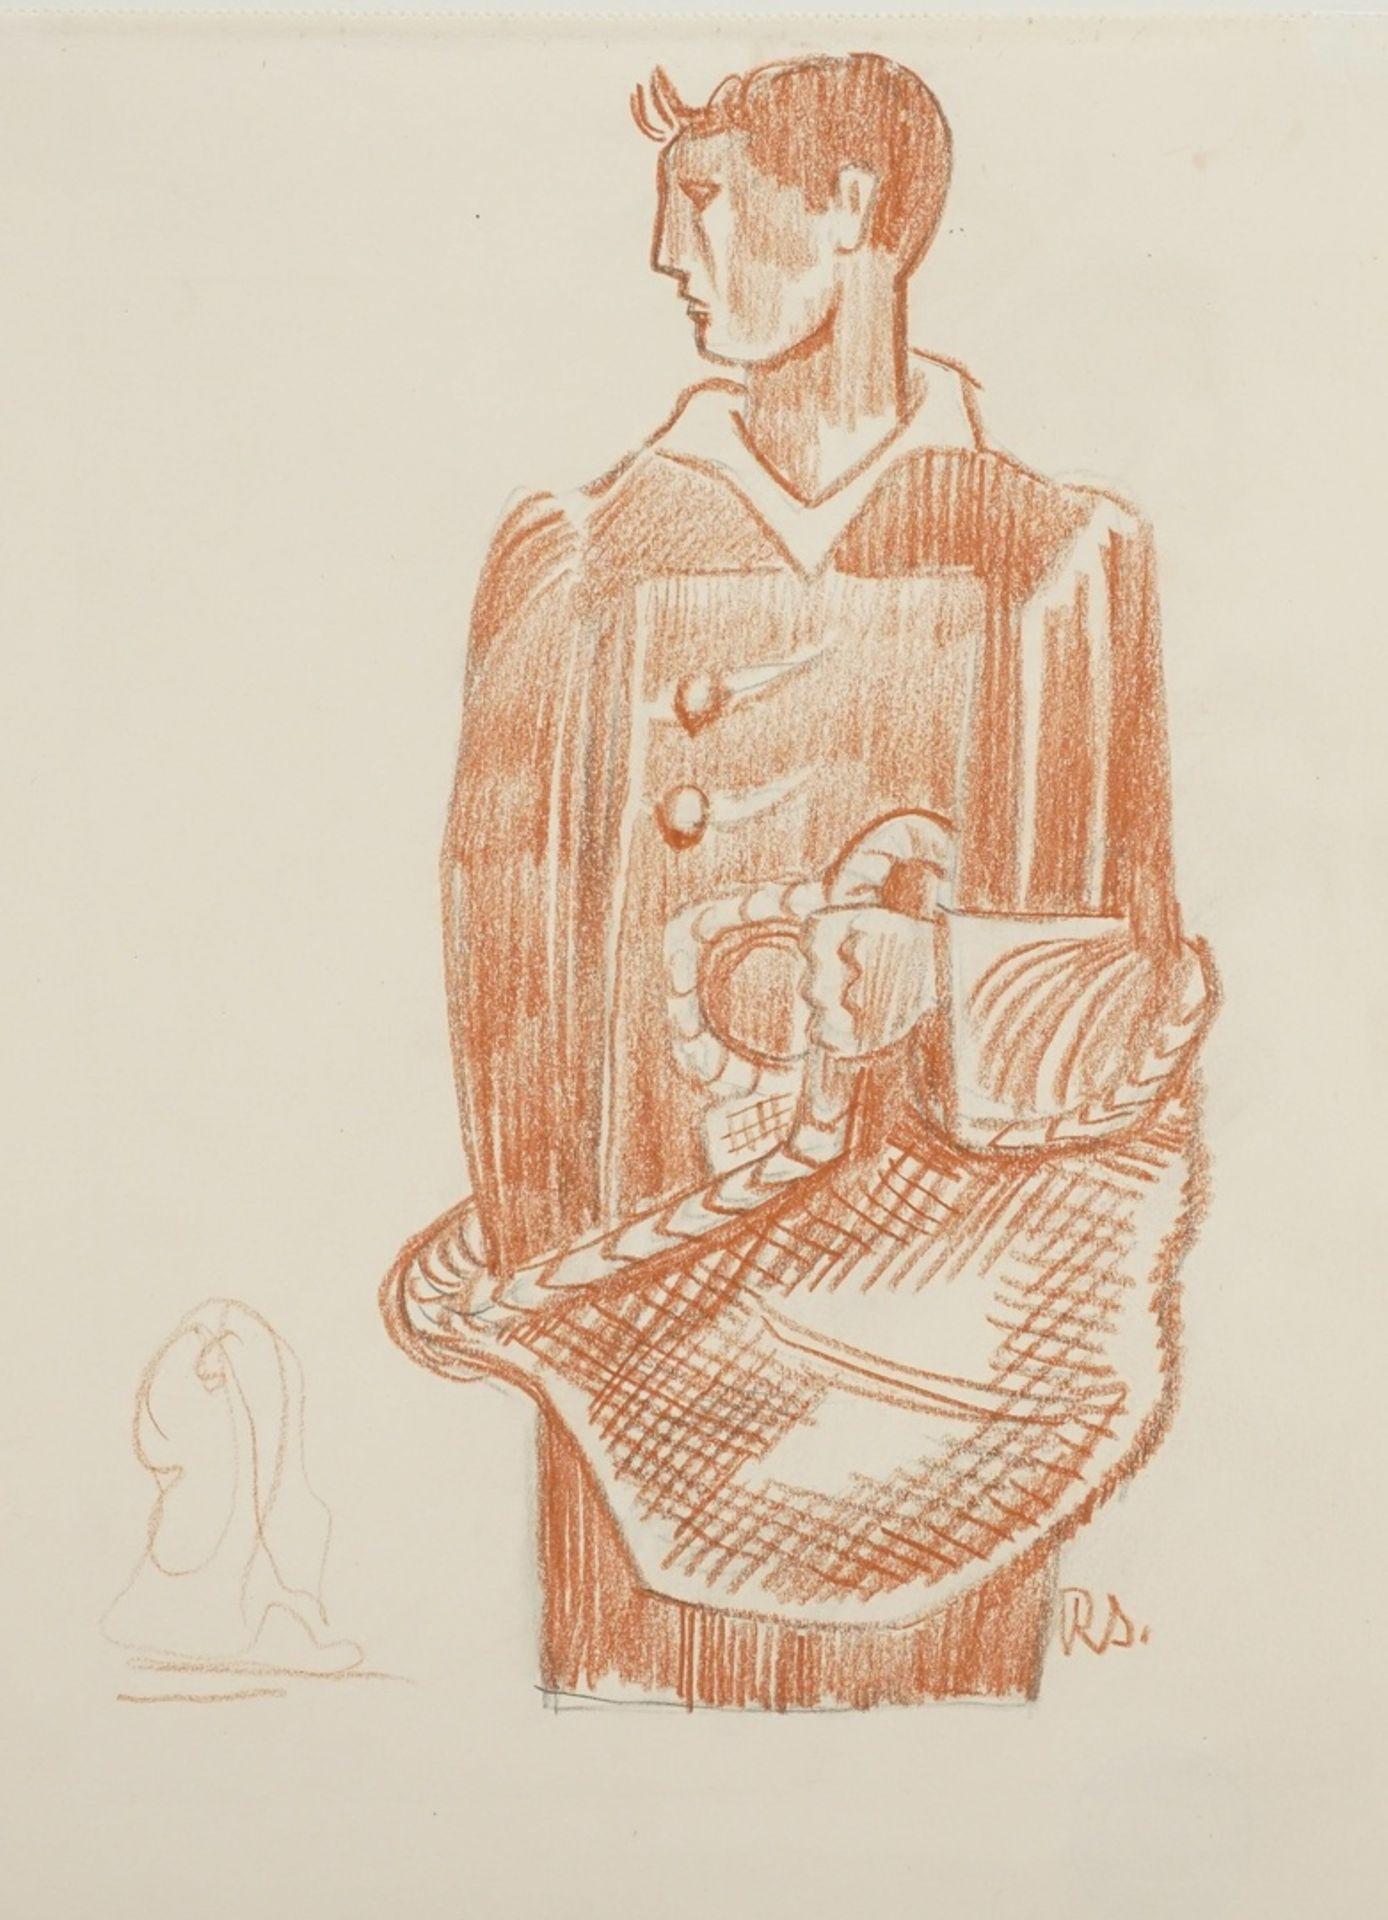 Richard Schwarzkopf, Männliche Figur mit Korb